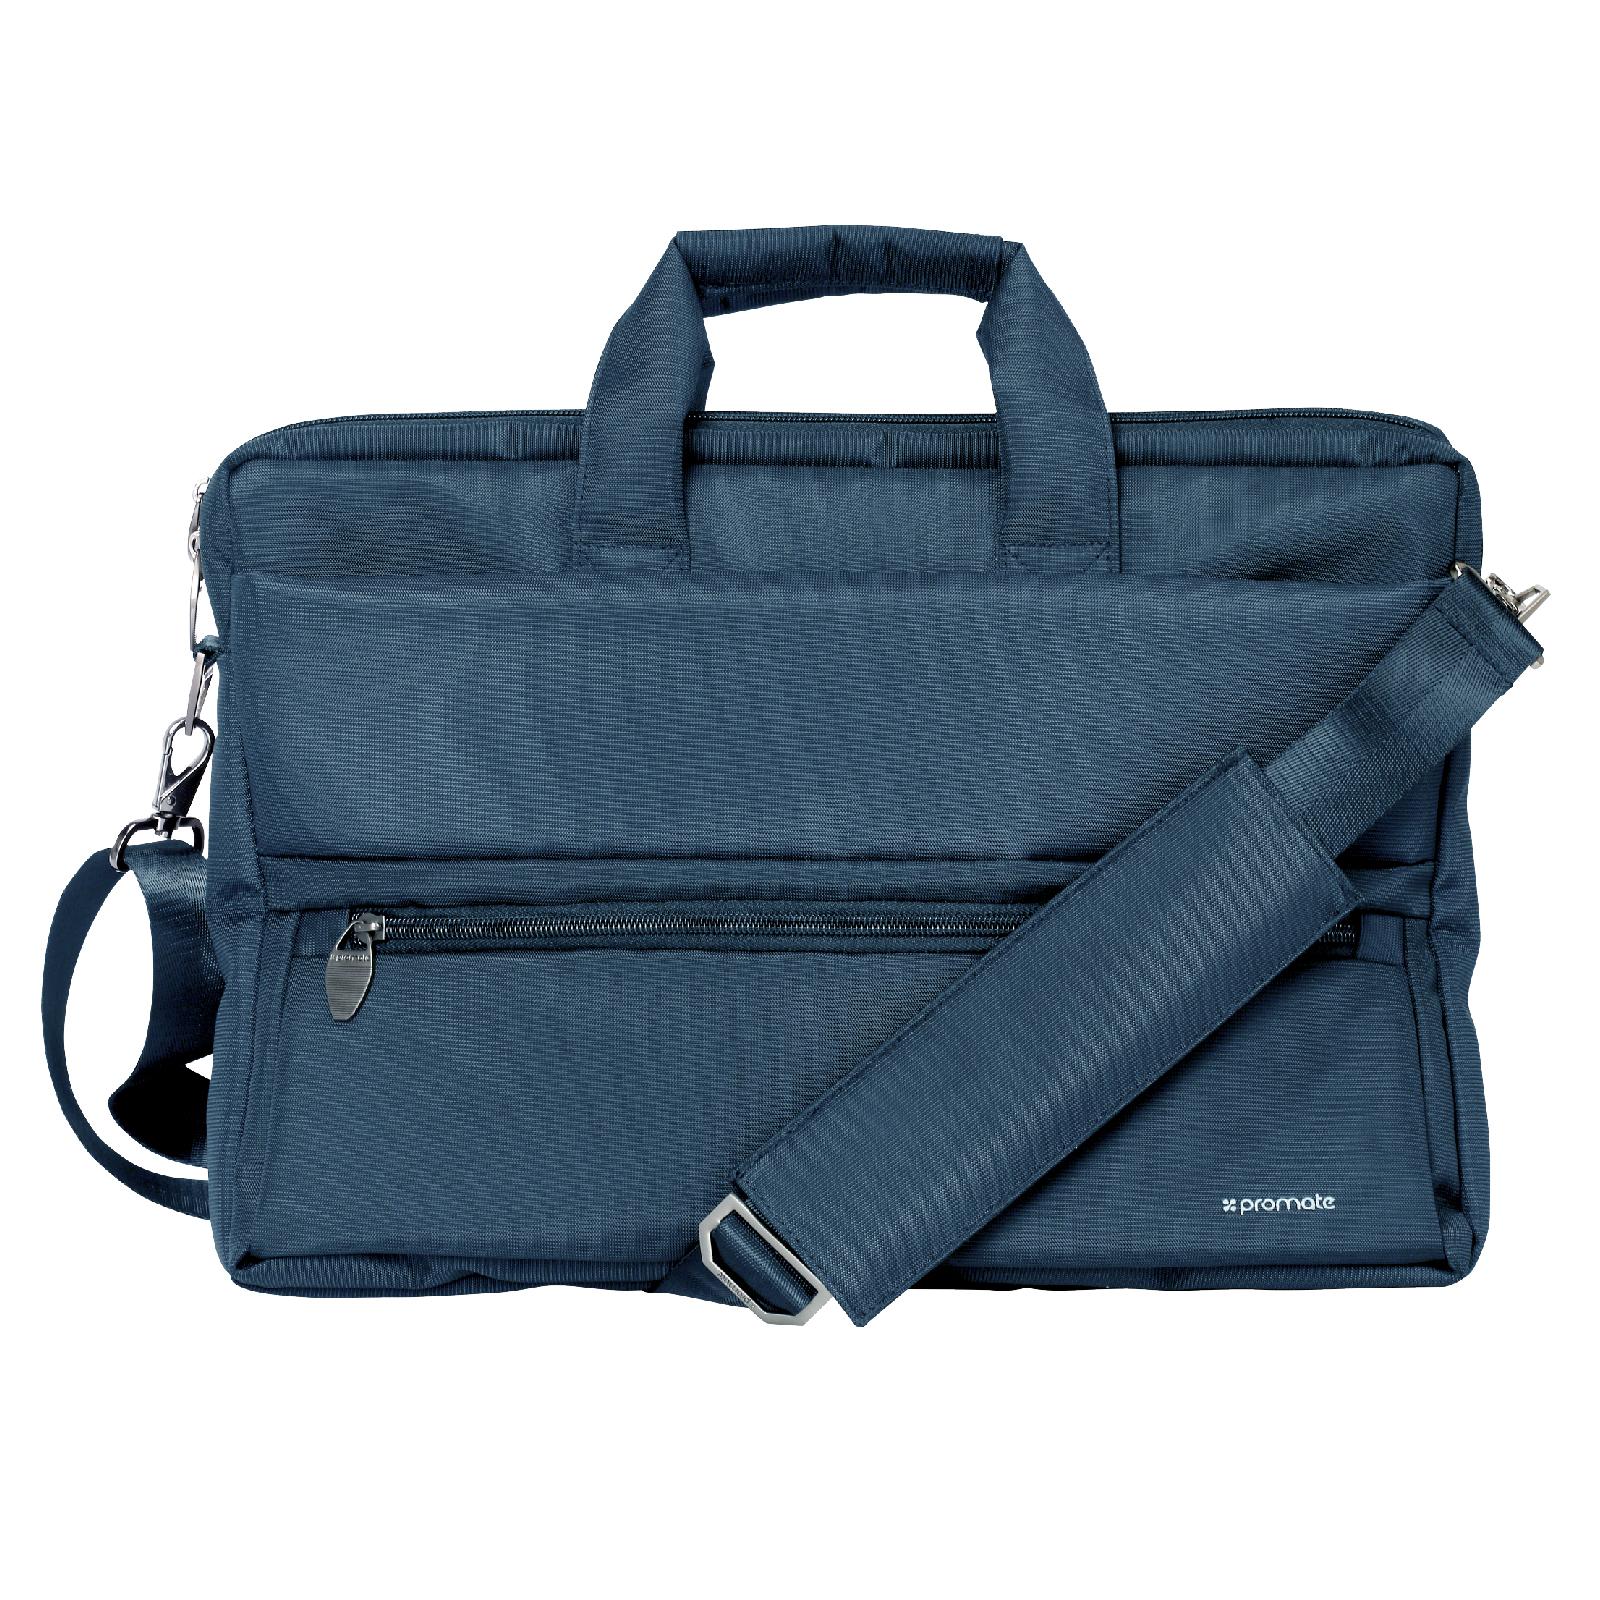 Asus Zenbook UX410 Laptop Shoulder Bag, Stylish Water-Resistant Laptop Shoulder  Messenger Bag with Durable Adjustable Strap and Secure Storage for Laptops,  ... 8a8e8b85c9